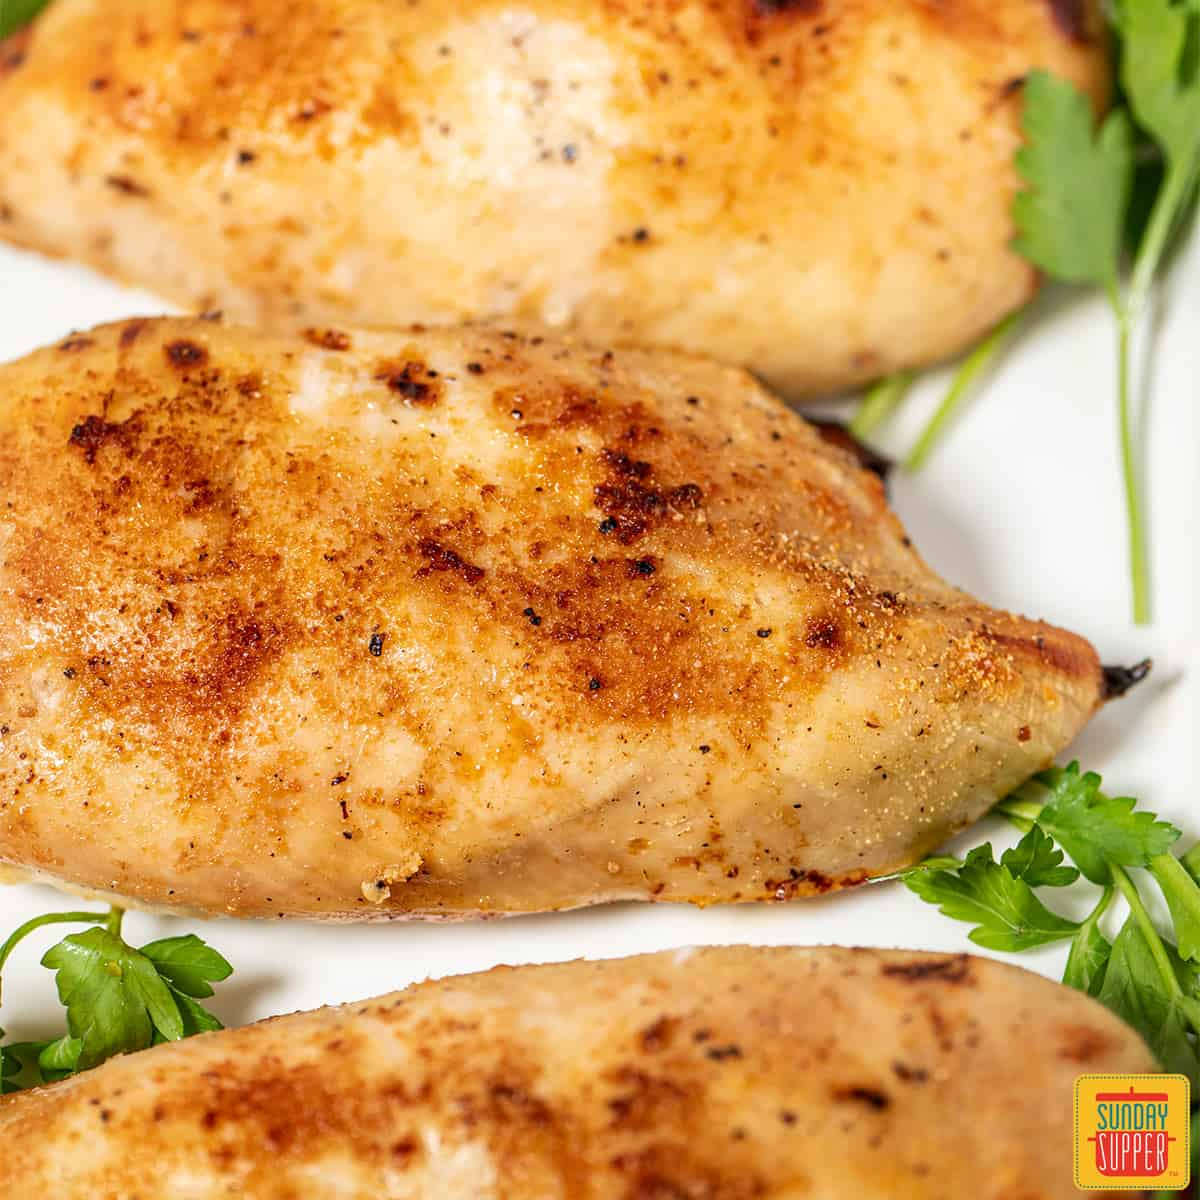 Three buttermilk roast chicken breasts close up